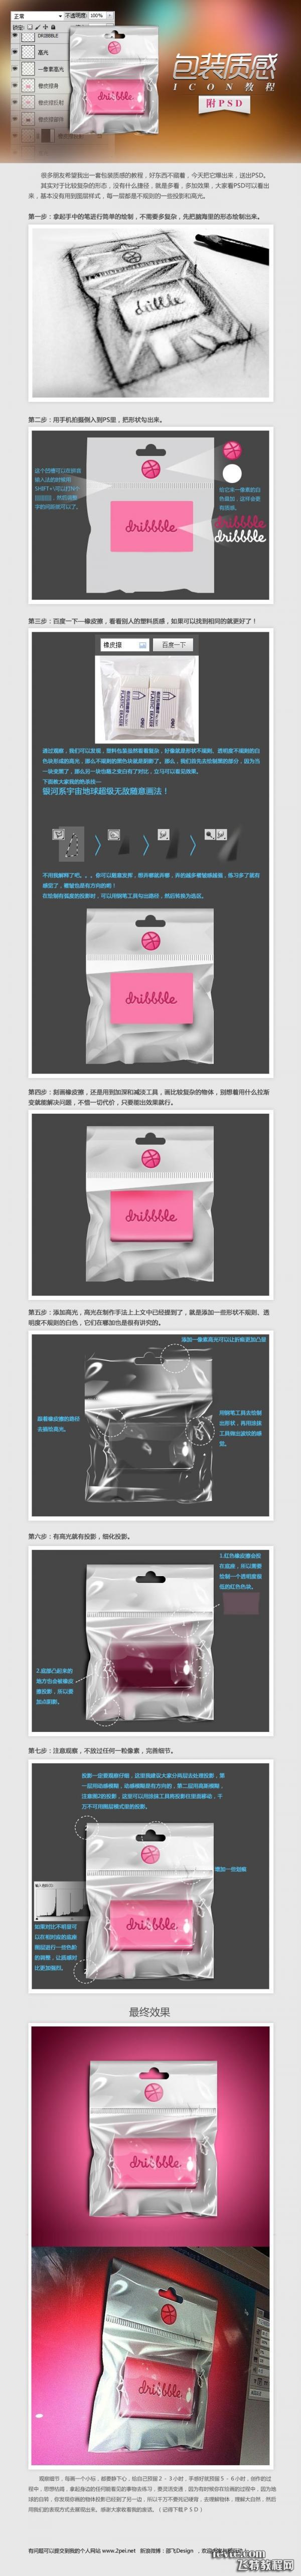 很厉害!photoshop鼠绘制作质感的塑料包装